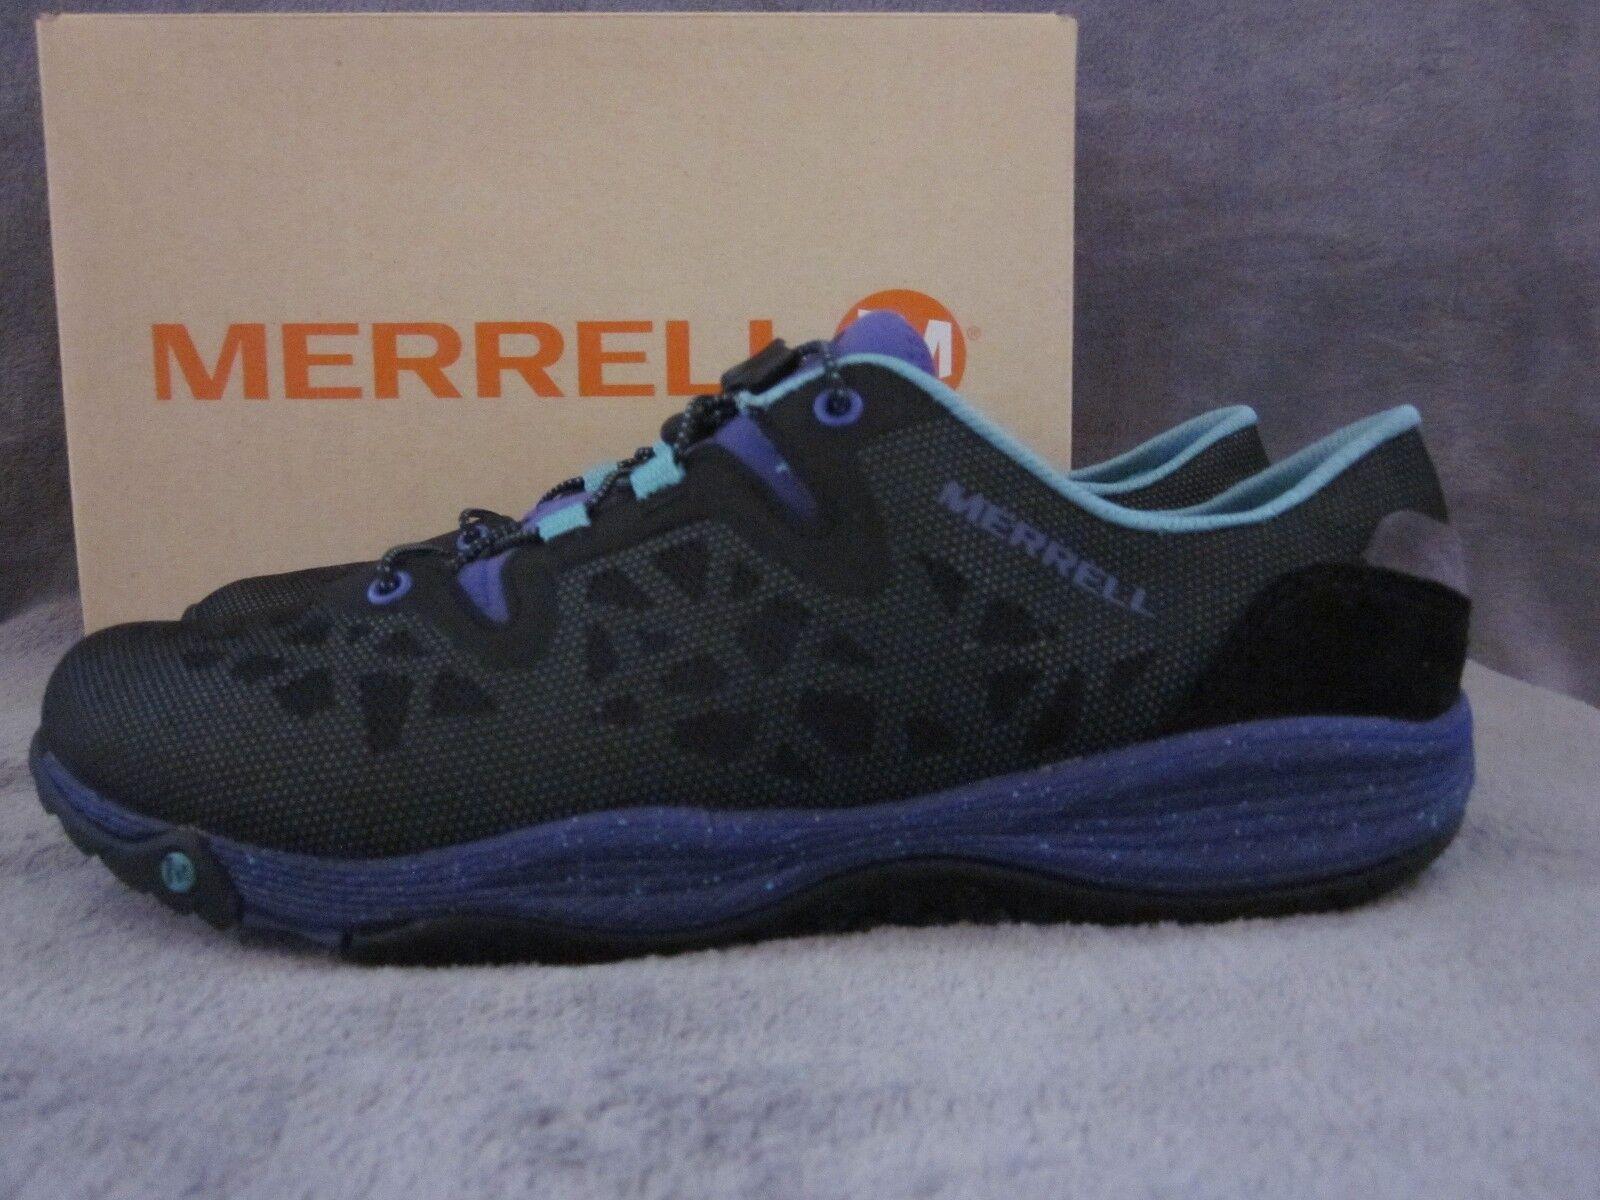 Merrell J68848 Bandes Shine en Résille Résille Résille Noire Tout Terrain Trail Chaussures US 9 M 40 euros Neuf avec boîte 119751